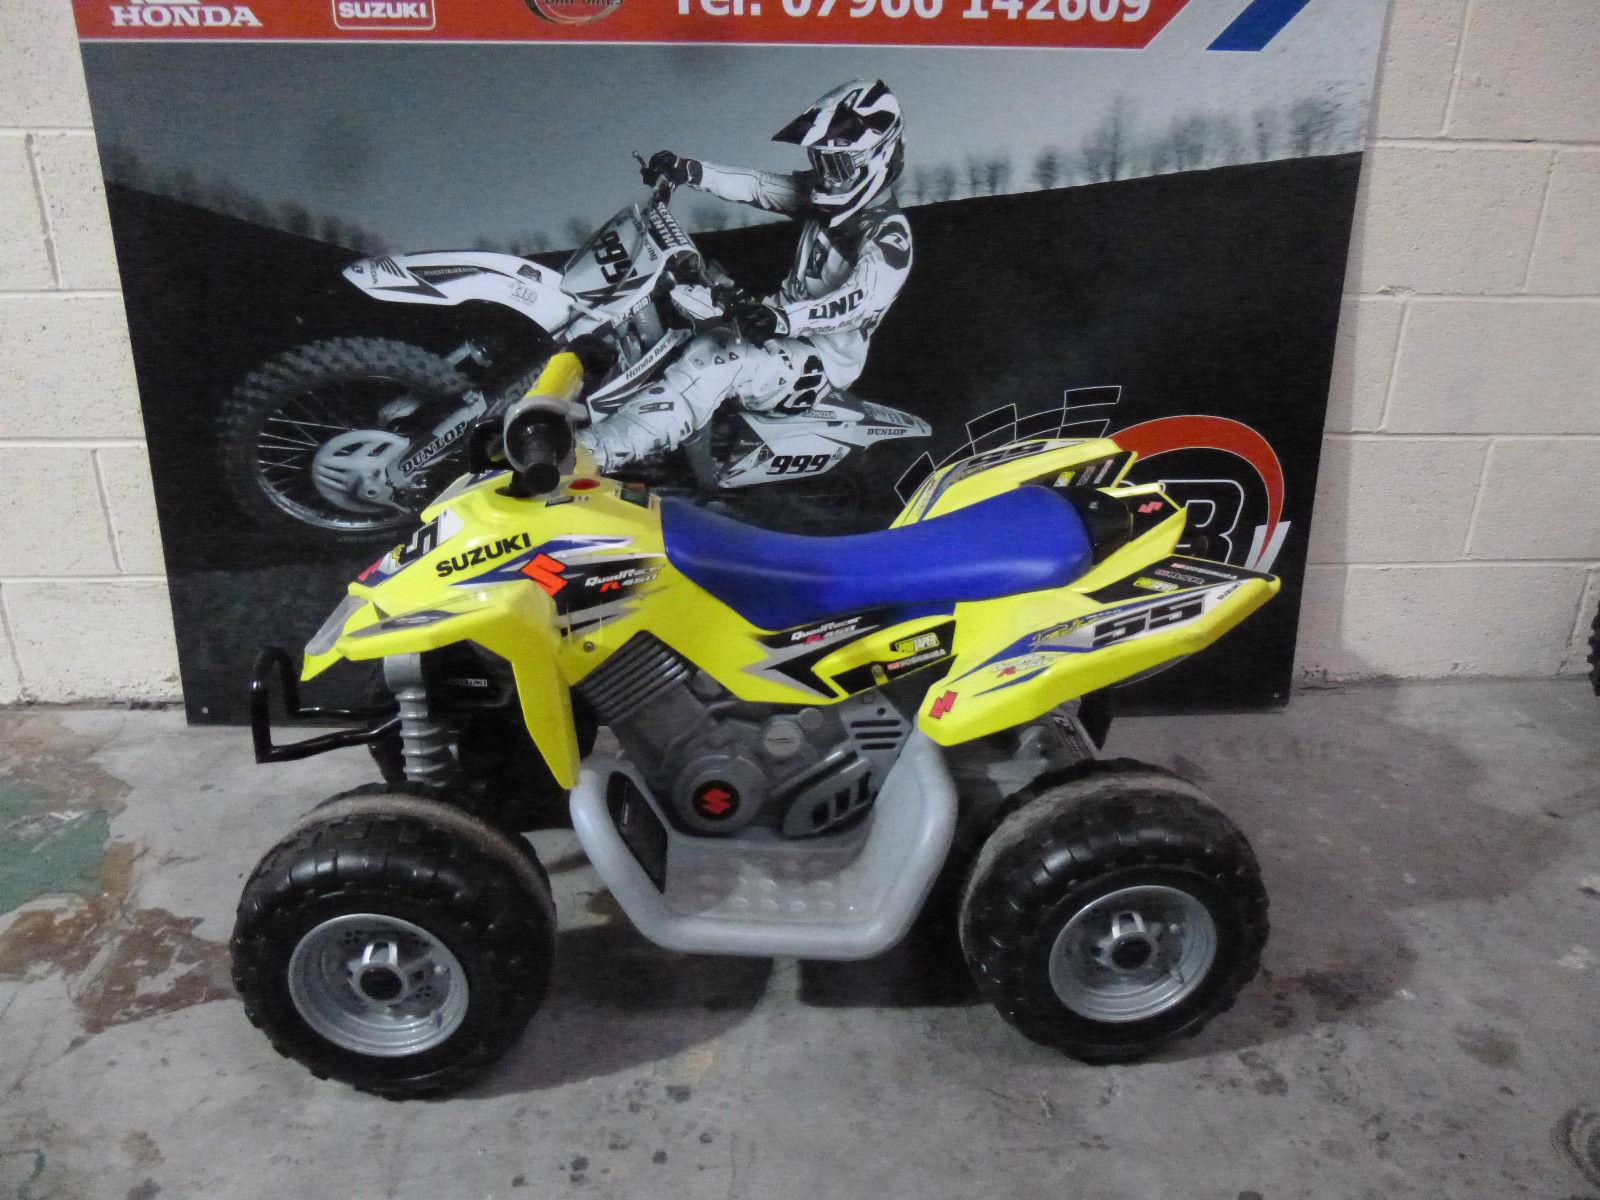 Suzuki Ltz Price